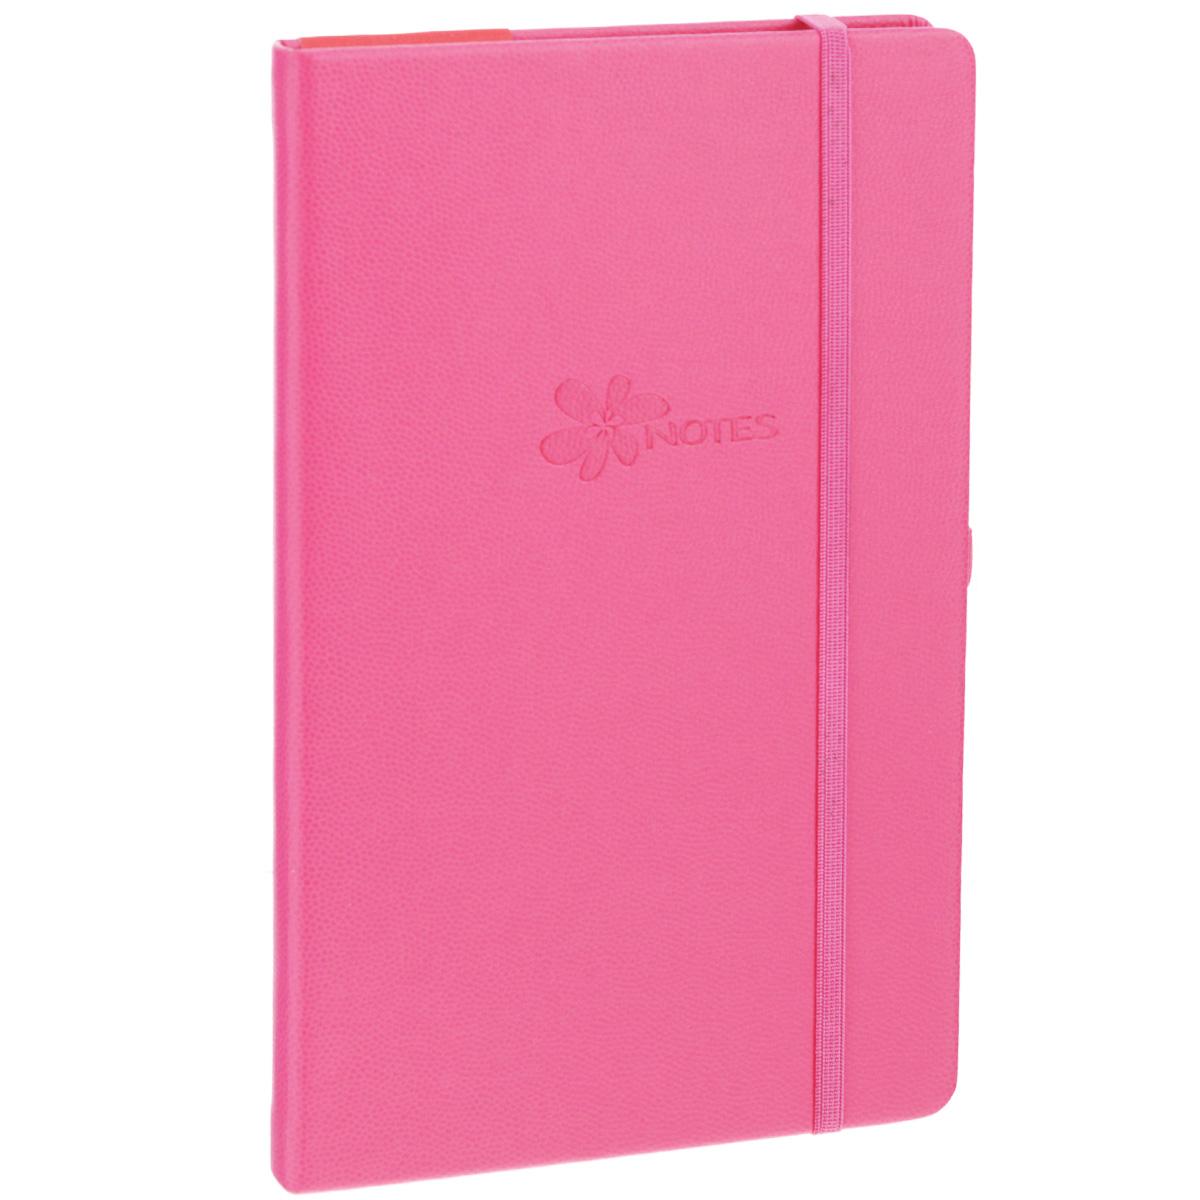 Записная книжка Erich Krause Flower, цвет: розовый, 96 листов36776Записная книжка Erich Krause Flower - это дополнительный штрих к вашему имиджу. Демократичная в своем содержании, книжка может быть использована не только для личных пометок и записей, но и как недатированный ежедневник. Надежная твердая обложка из плотного картона, обтянутого искусственной кожей с тиснением под рептилию, сохранит ее в аккуратном состоянии на протяжении всего времени использования. Плотная в линейку бумага белого цвета, закладка-ляссе, практичные скругленные углы, эластичная петелька для ручки и внутренний бумажный карман на задней обложке - все это обеспечит вам истинное удовольствие от письма. В начале книжки имеется страничка для заполнения личных данных владельца, четыре страницы для заполнения адресов, телефонов и интернет-почты и четыре страницы для заполнения сайтов и ссылок. Благодаря небольшому формату книжку легко взять с собой. Записная книжка плотно закрывается при помощи фиксирующей резинки.